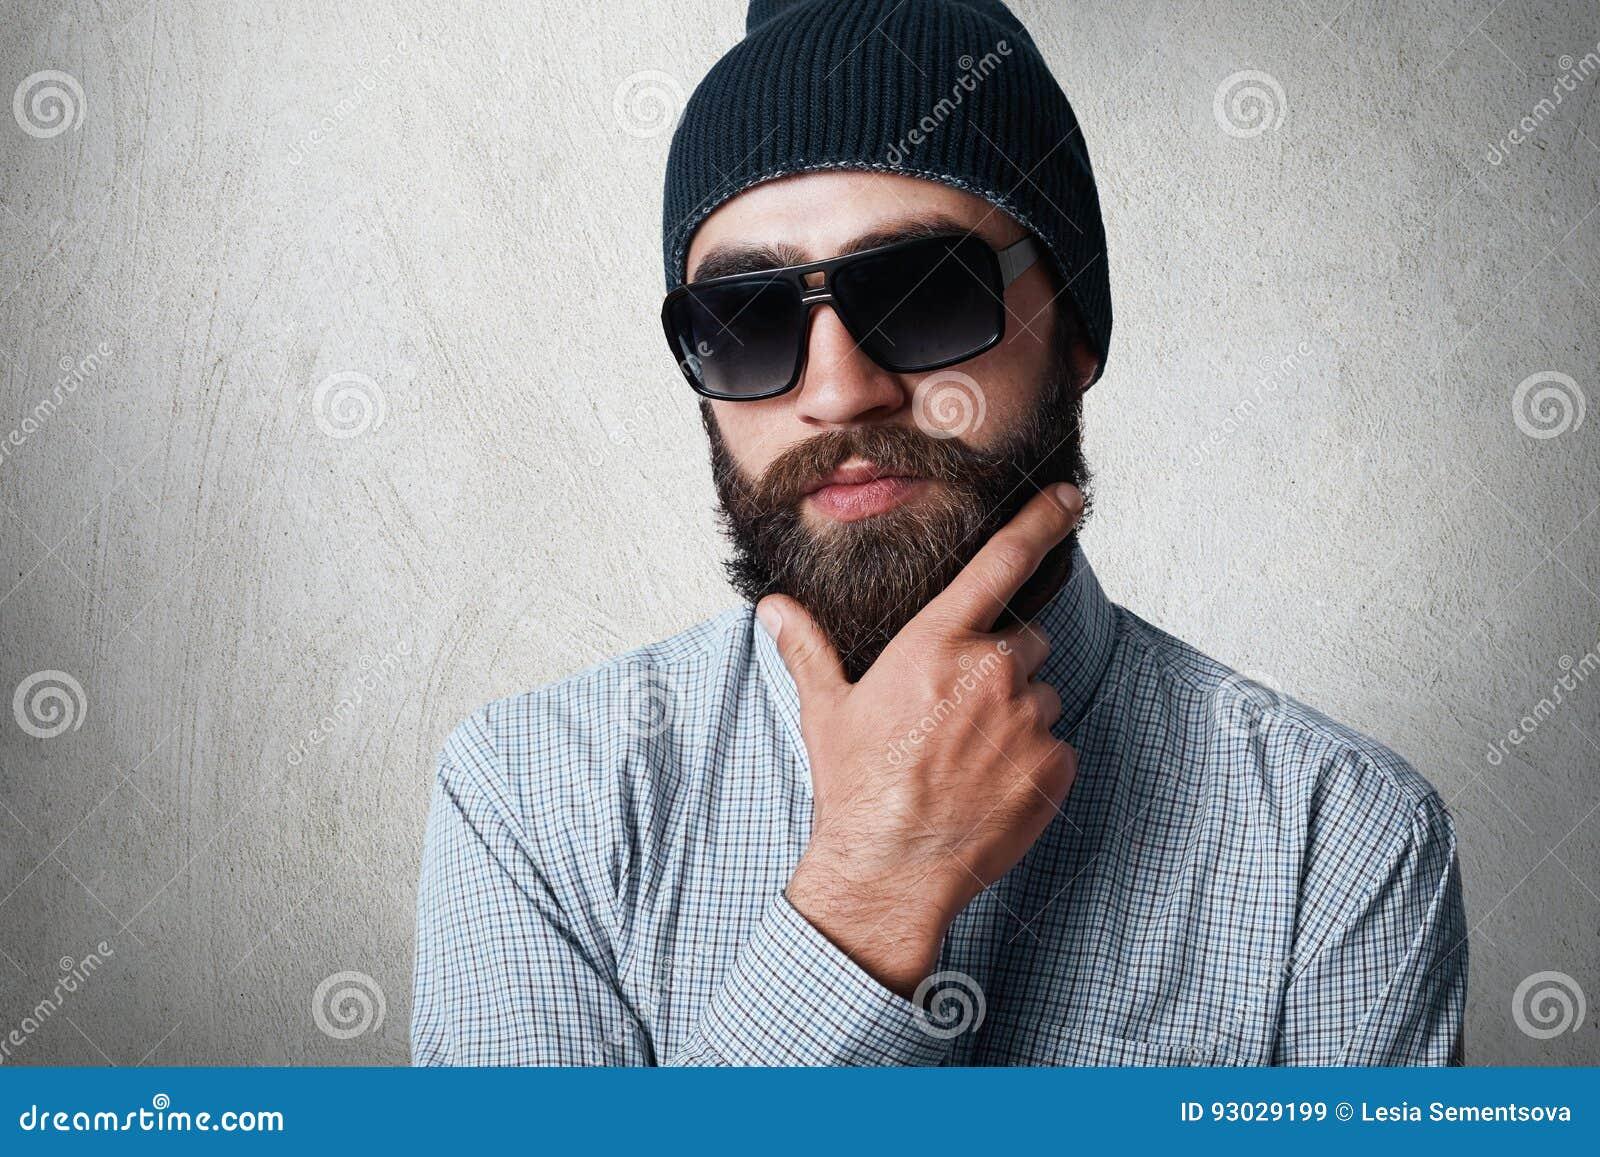 Zakończenie portret przystojny brodaty mężczyzna jest ubranym elegancką czarną nakrętkę, sprawdzać koszula i okulary przeciwsłone